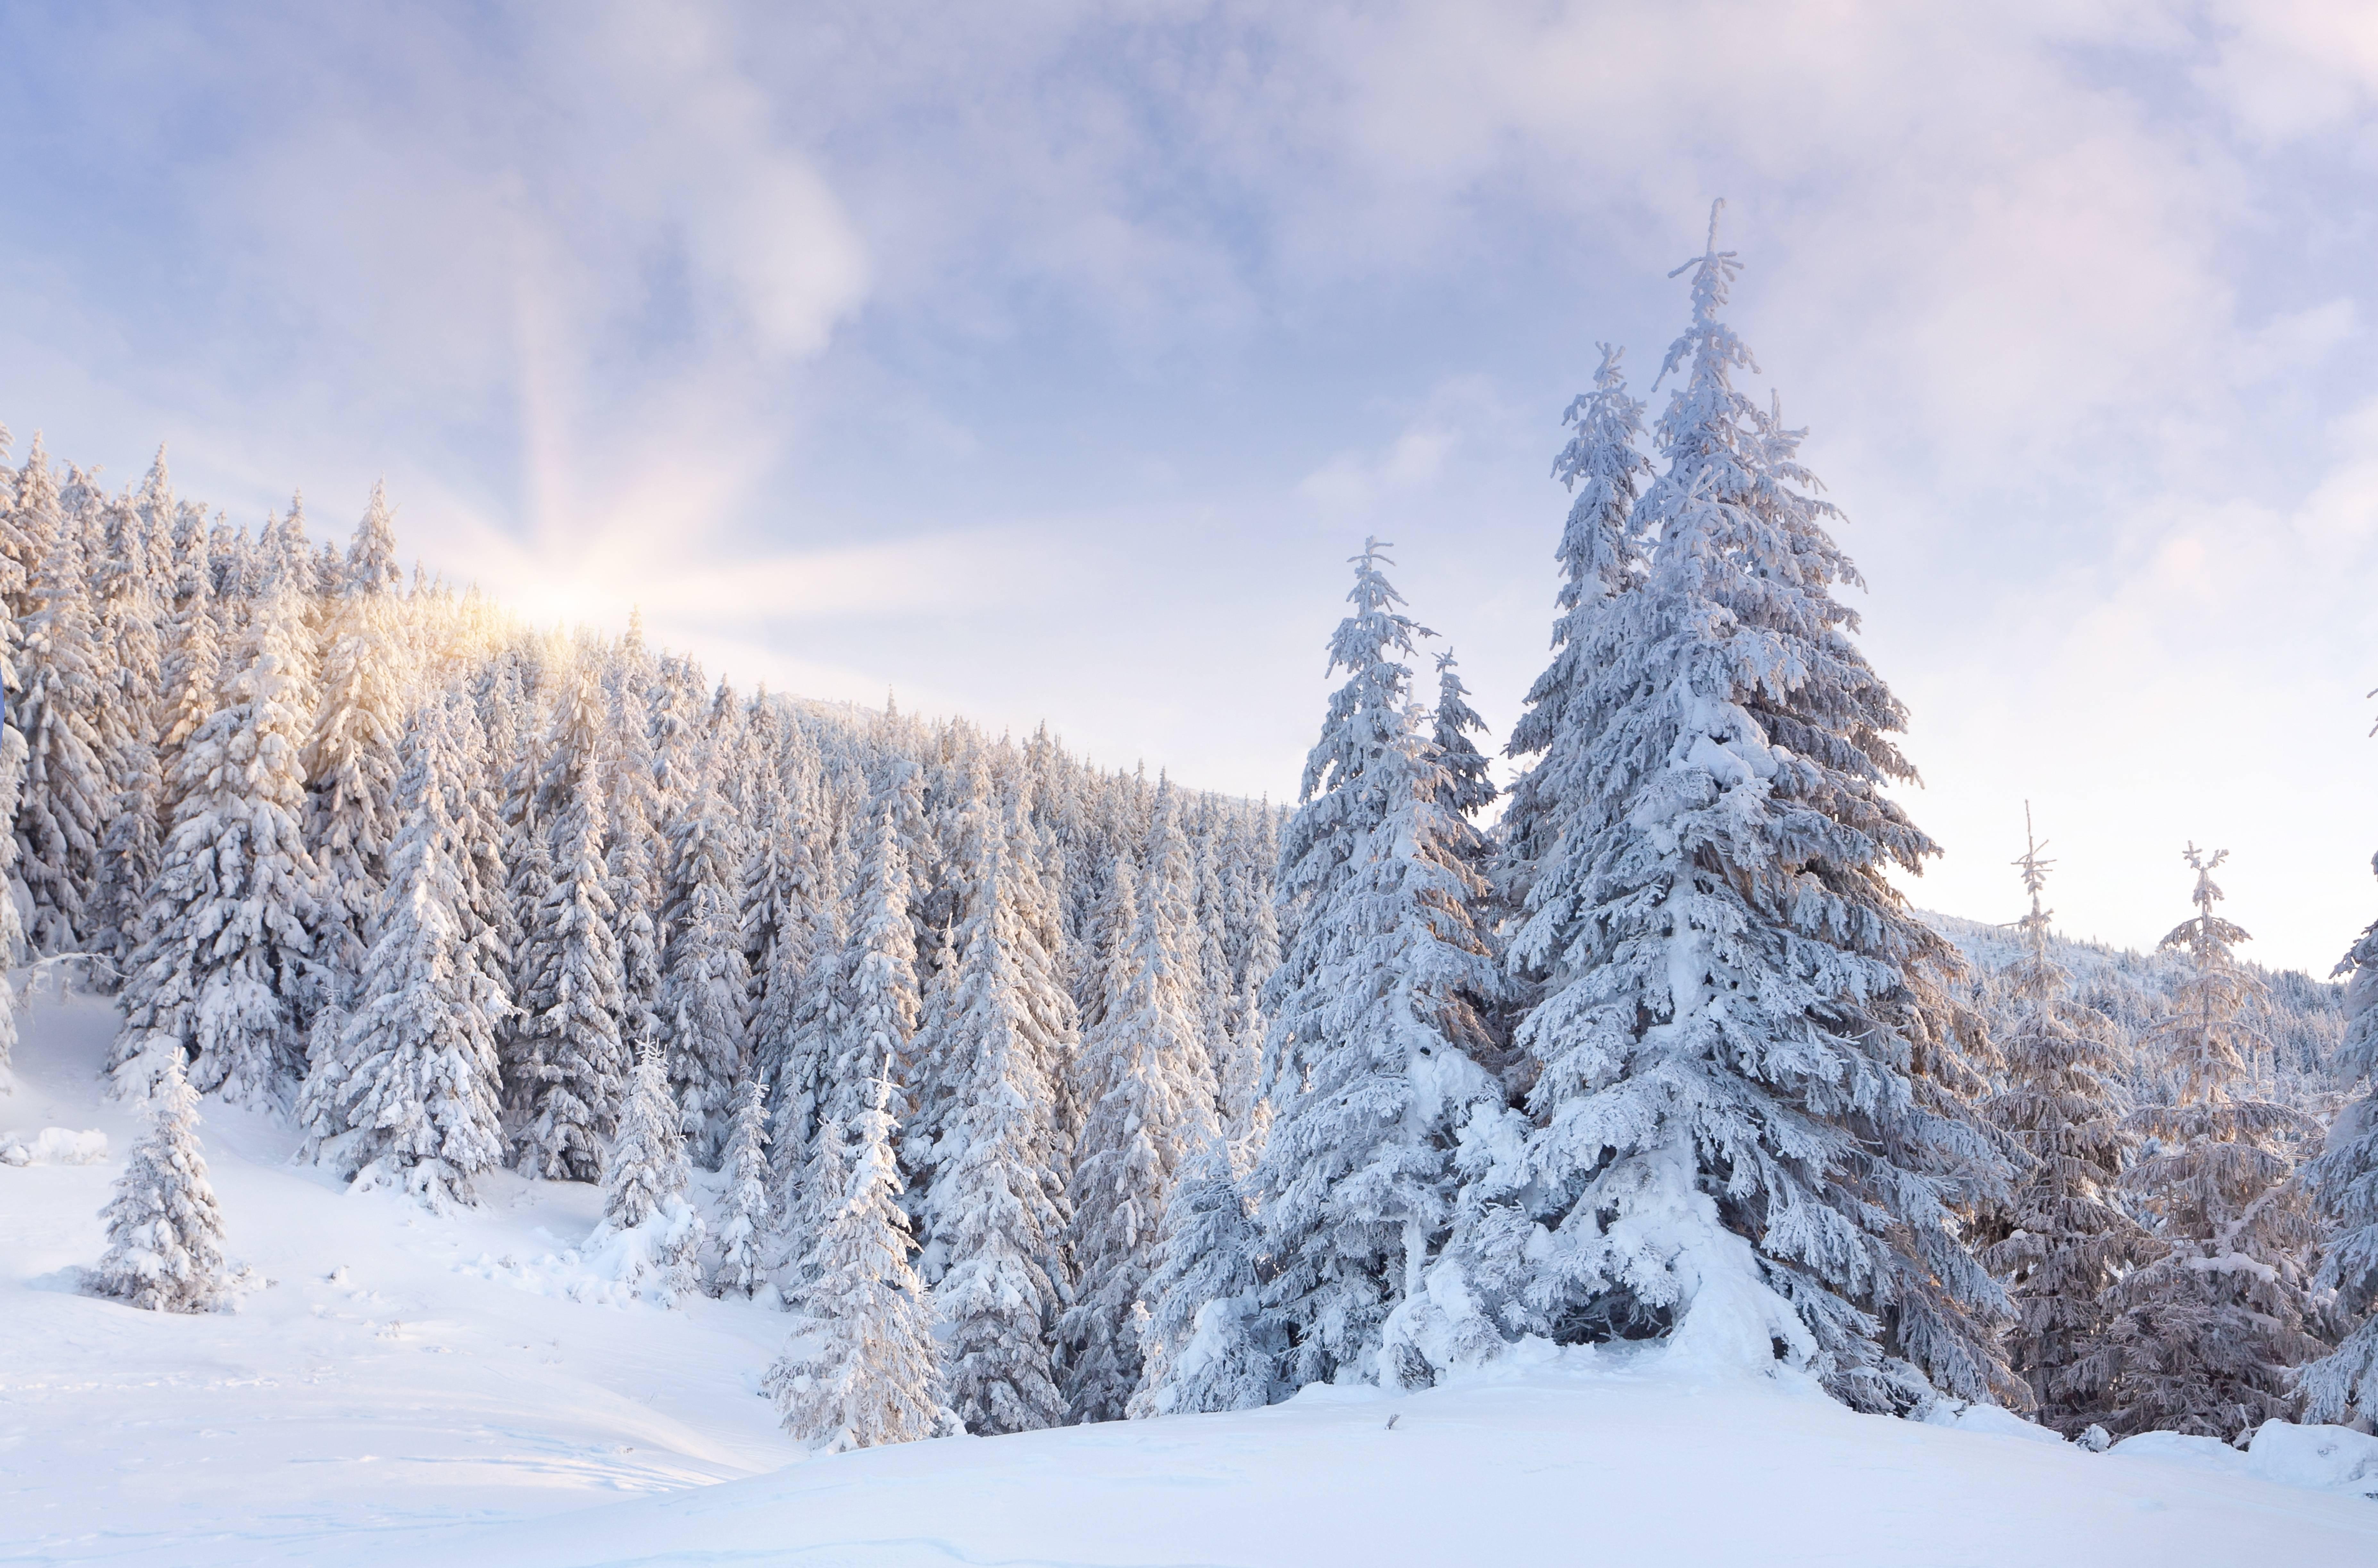 Картинка с деревьями в снегу, парадной открытки поздравлением